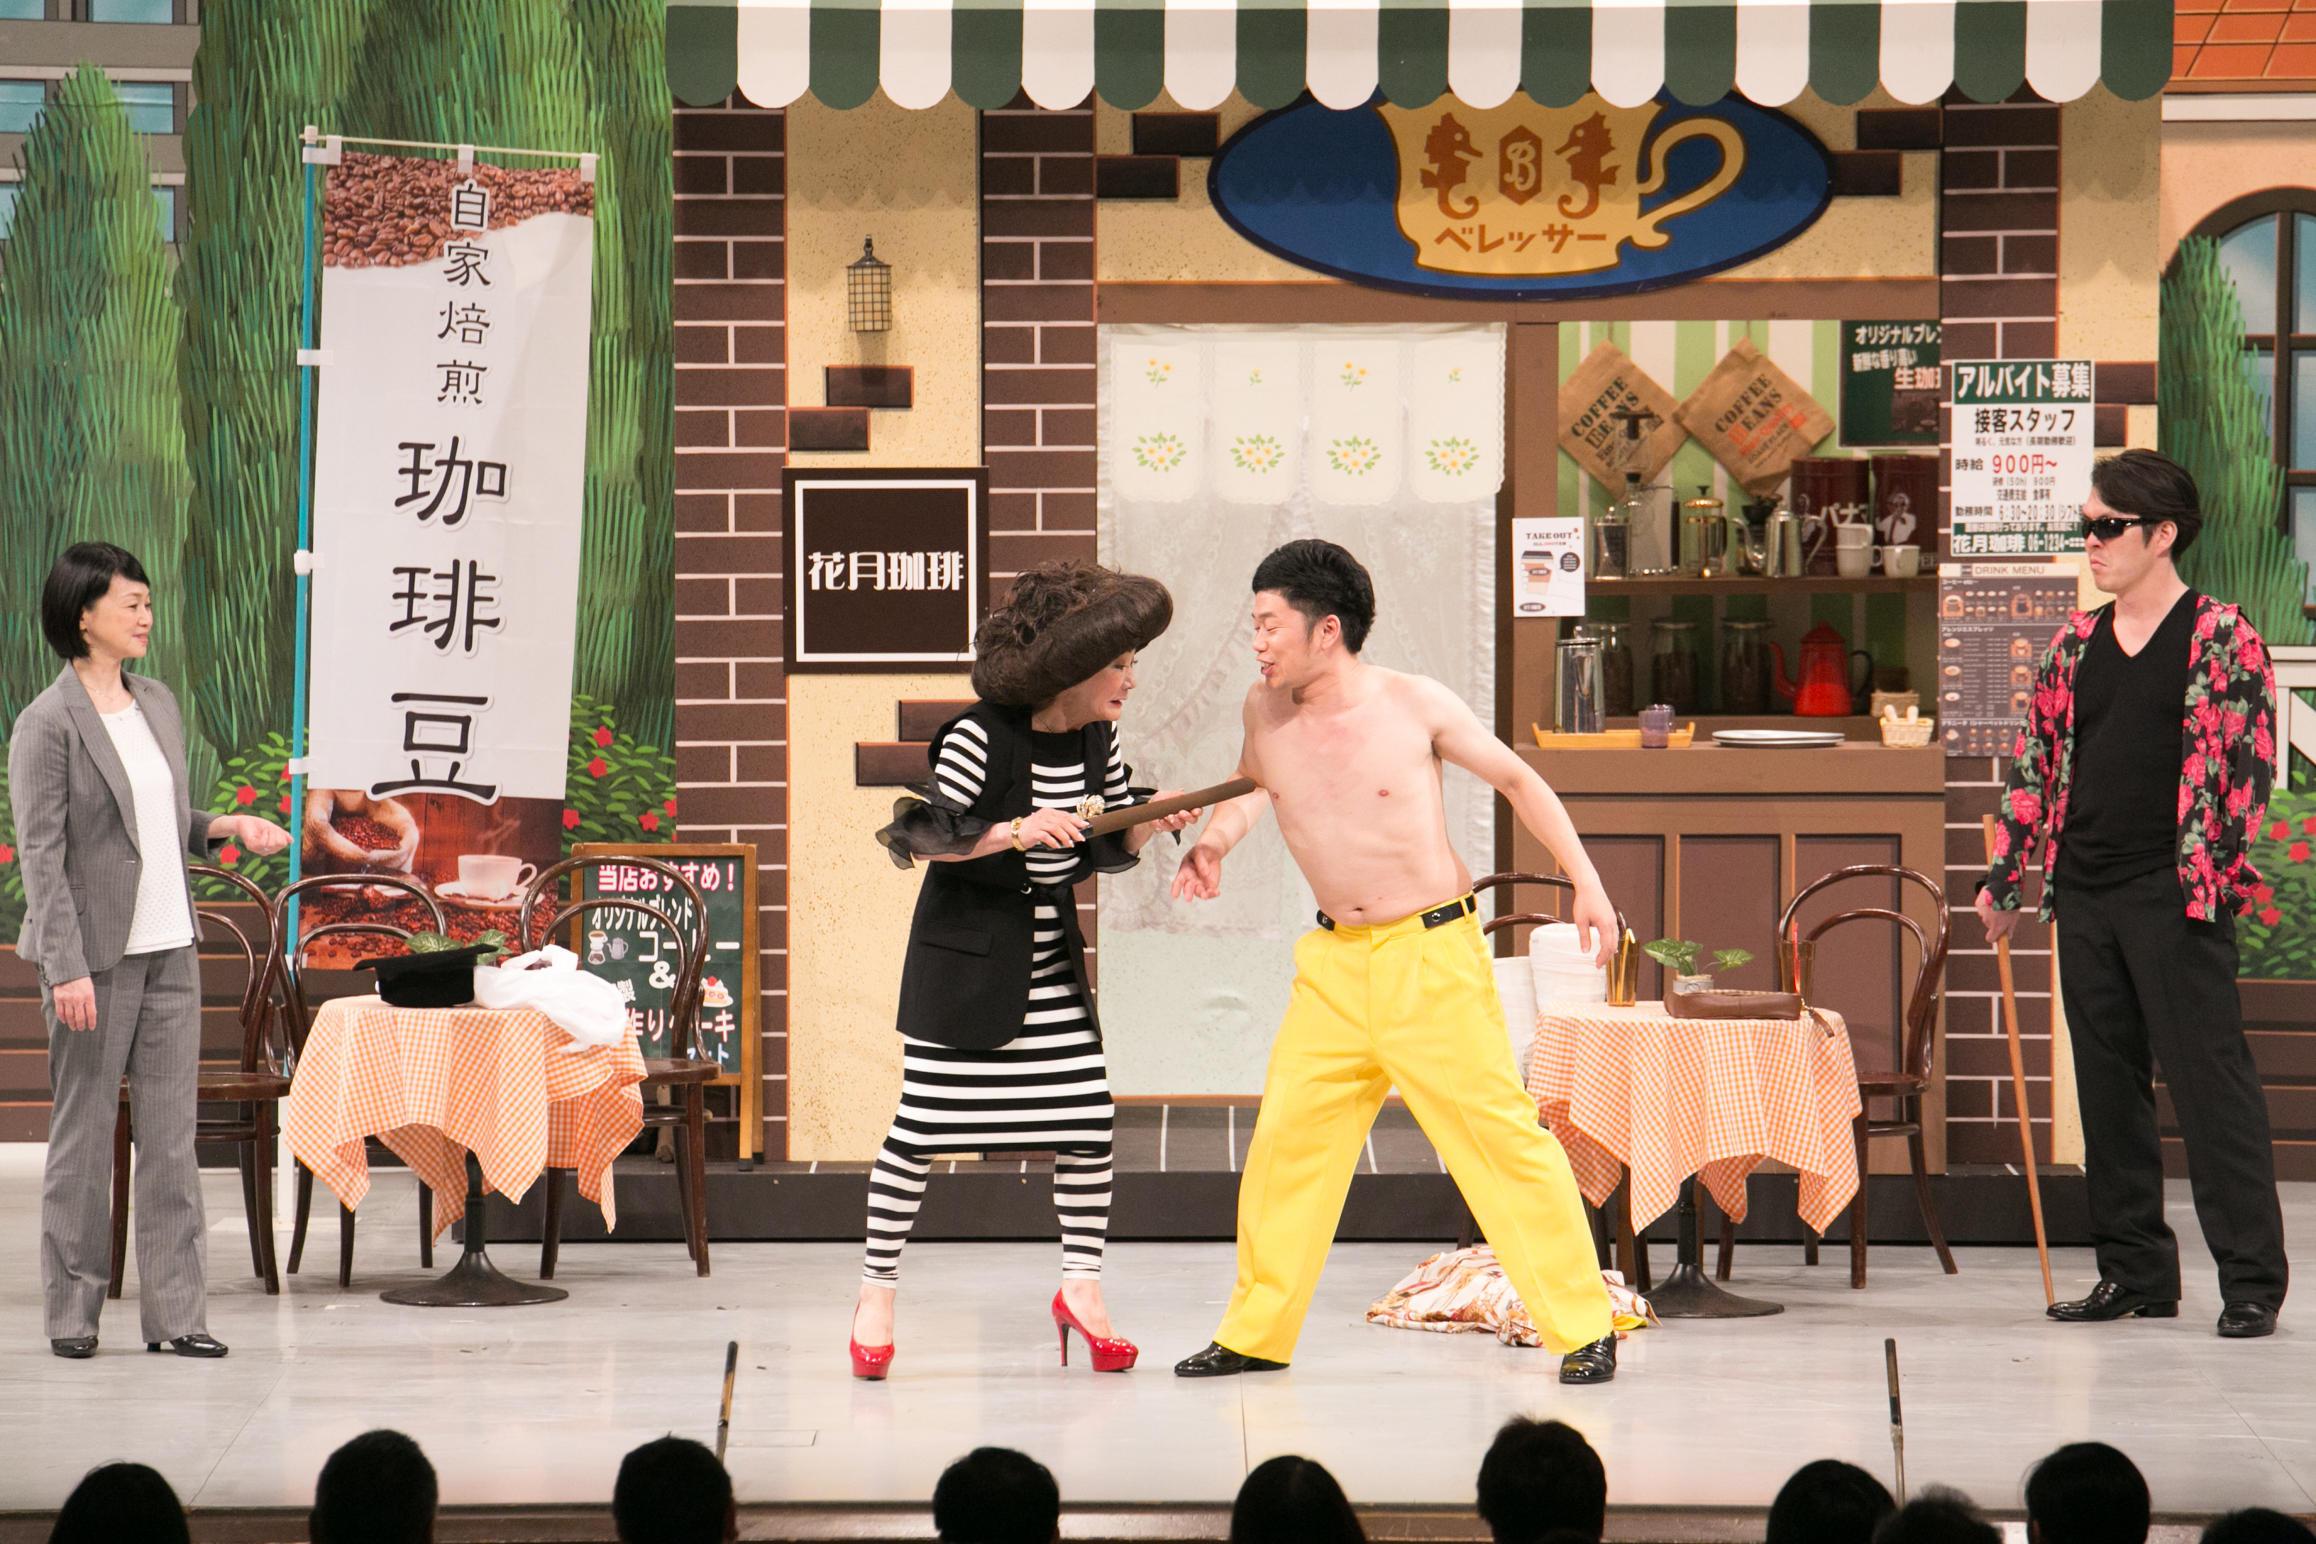 http://news.yoshimoto.co.jp/20170801190305-e56b0b0160198da367e7e3d6be106e6337b4cb3f.jpg